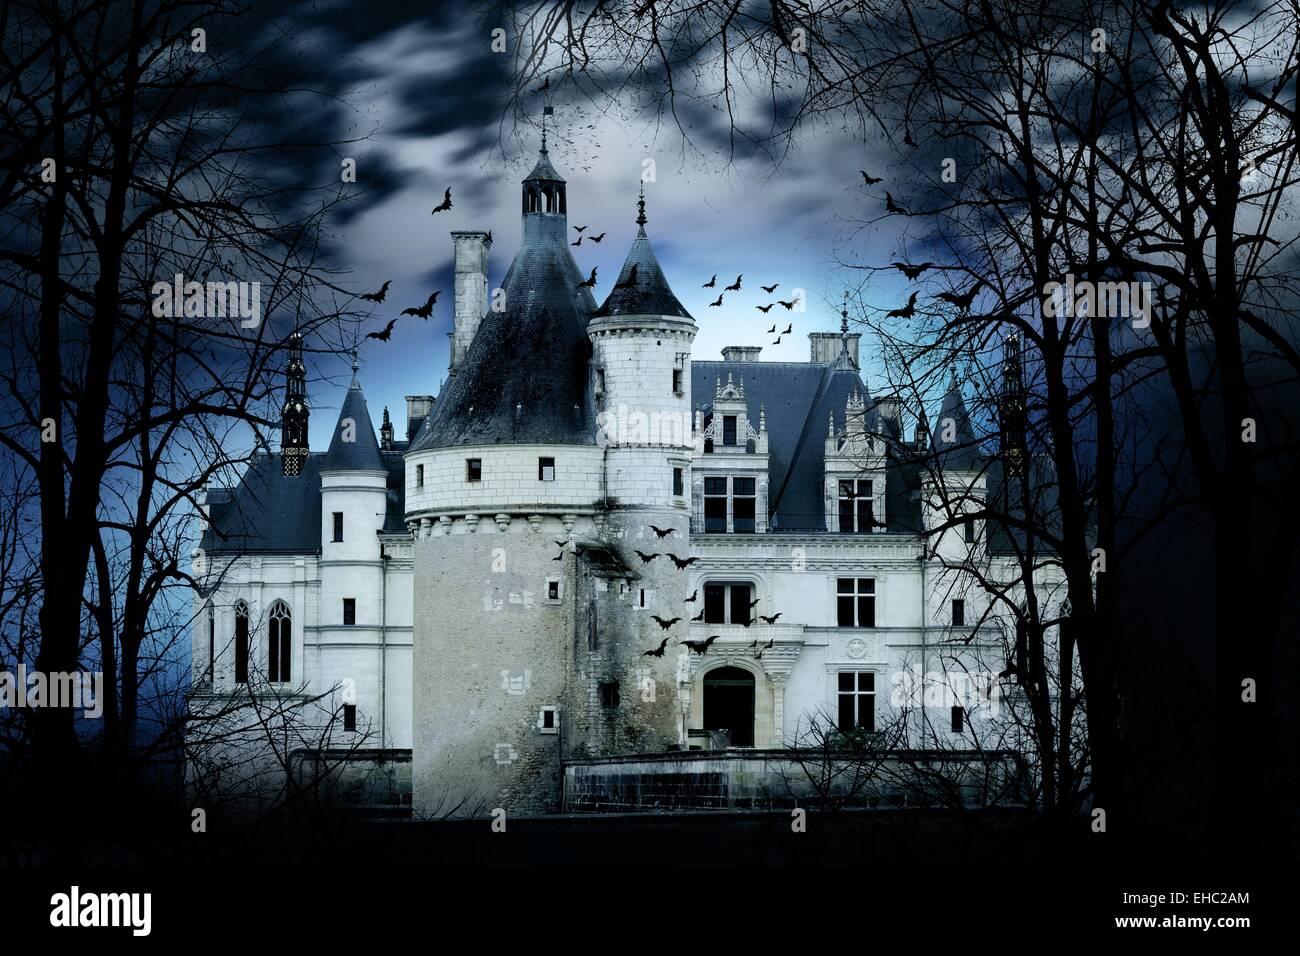 Château hanté avec atmosphère sombre horreur effrayant Photo Stock